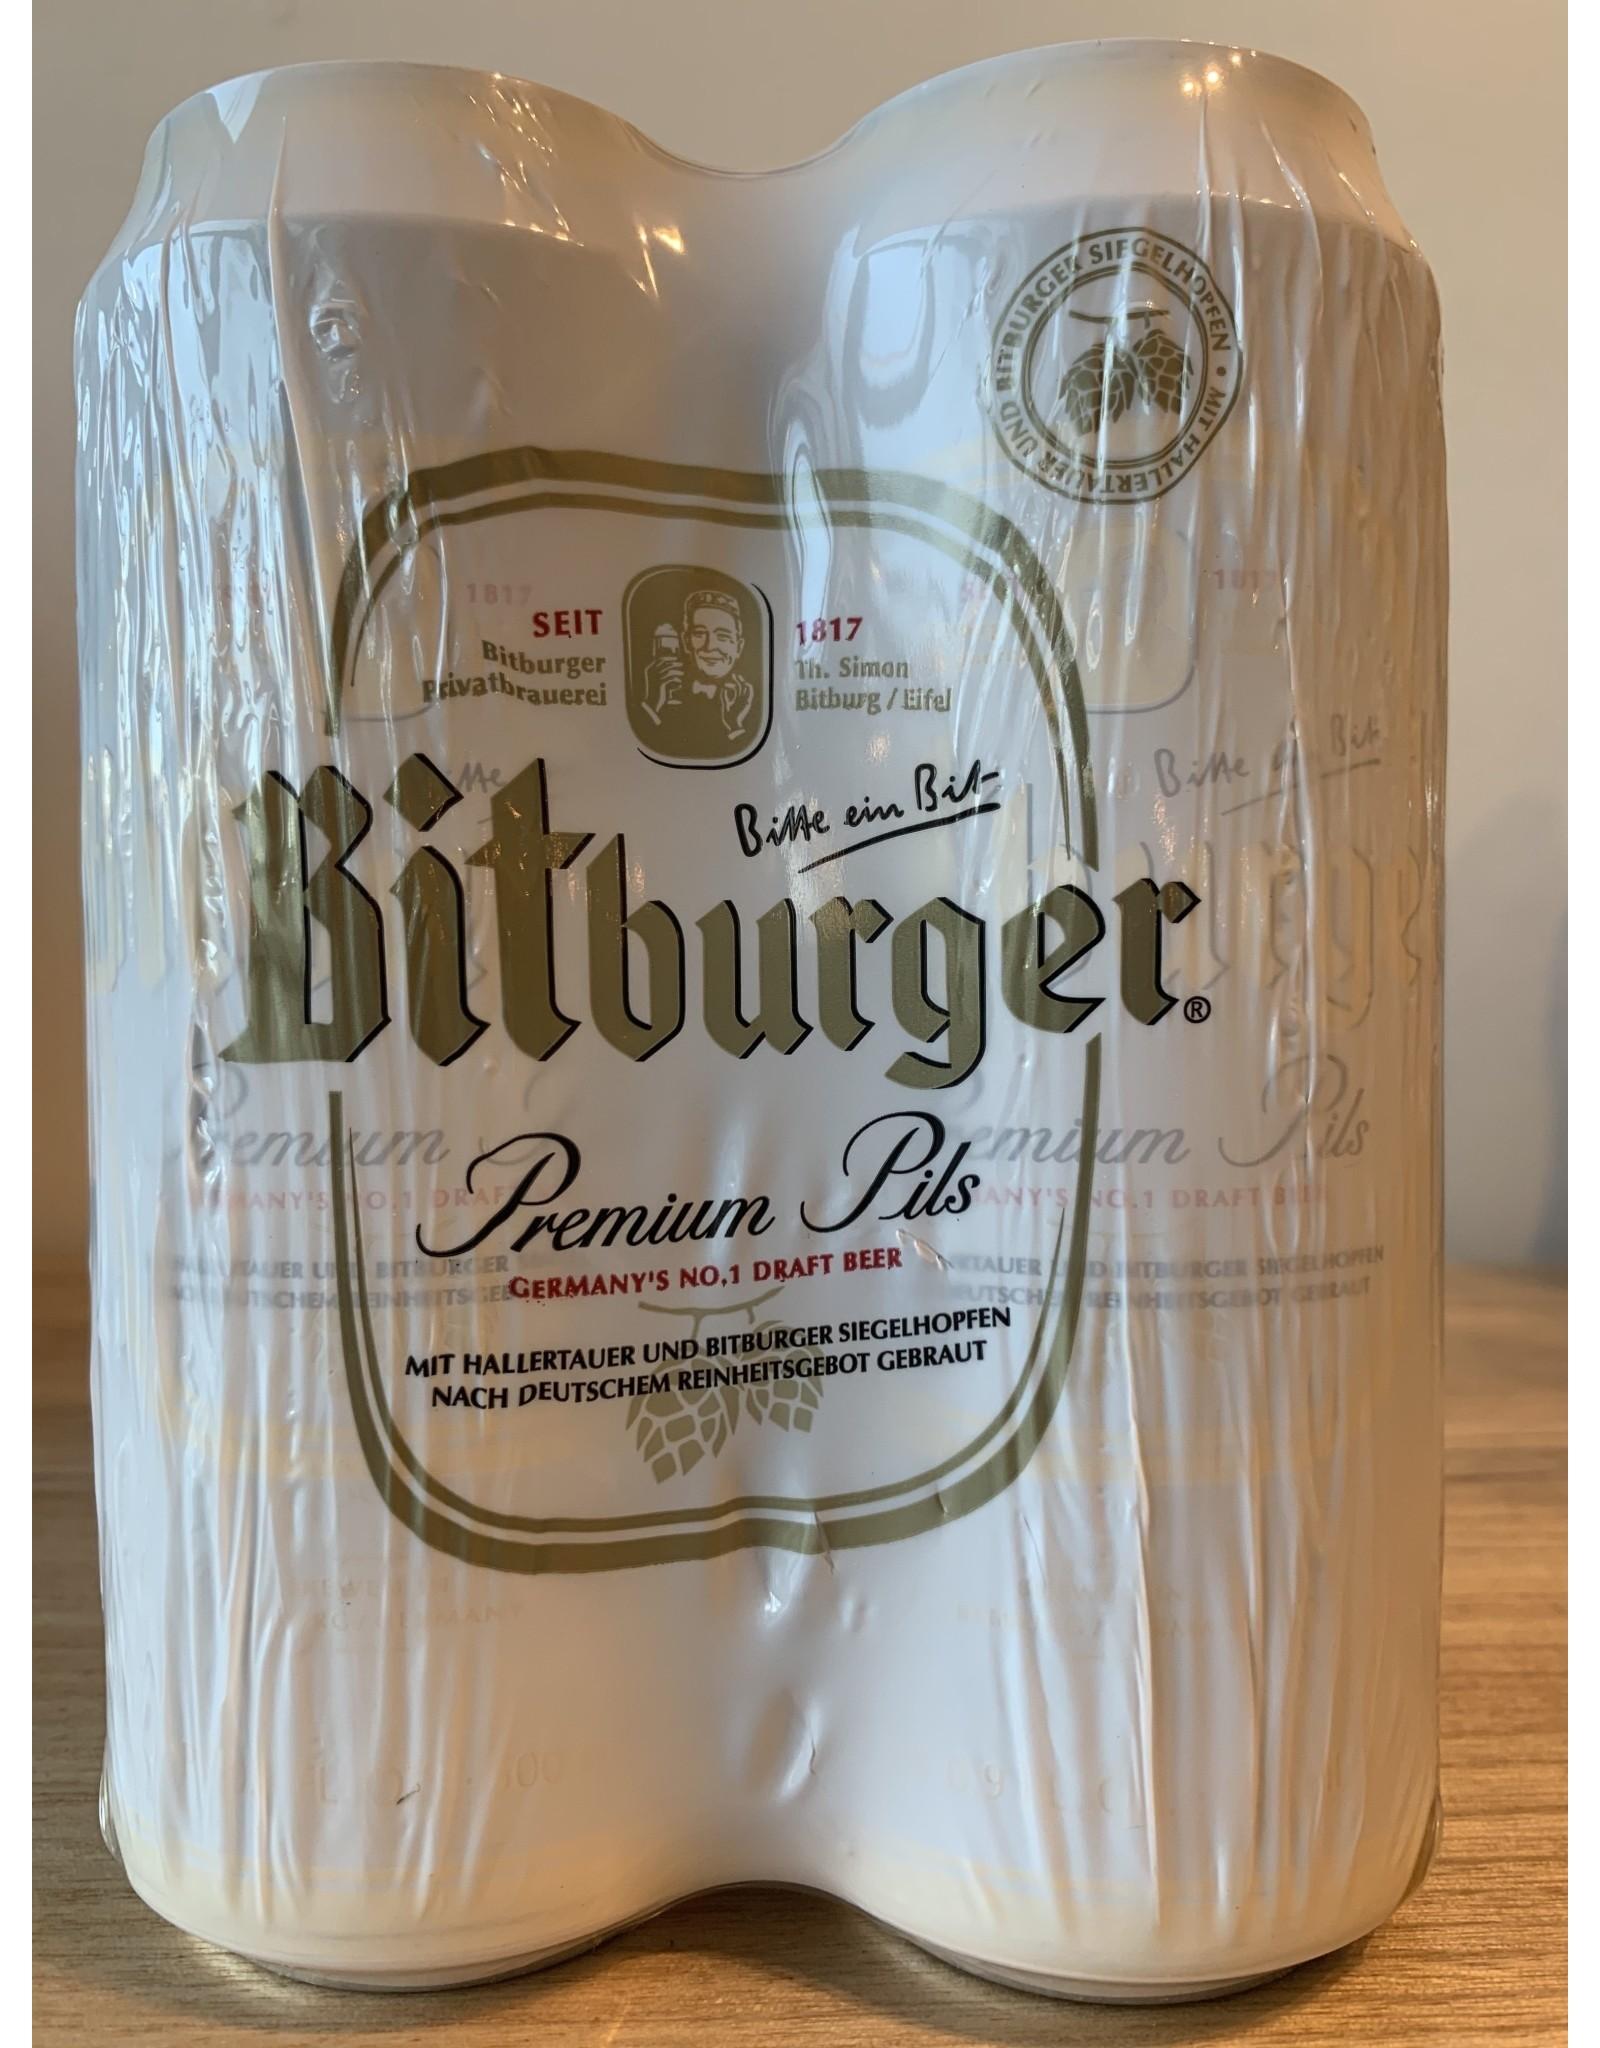 Bitburger Bitburger Premium Pils